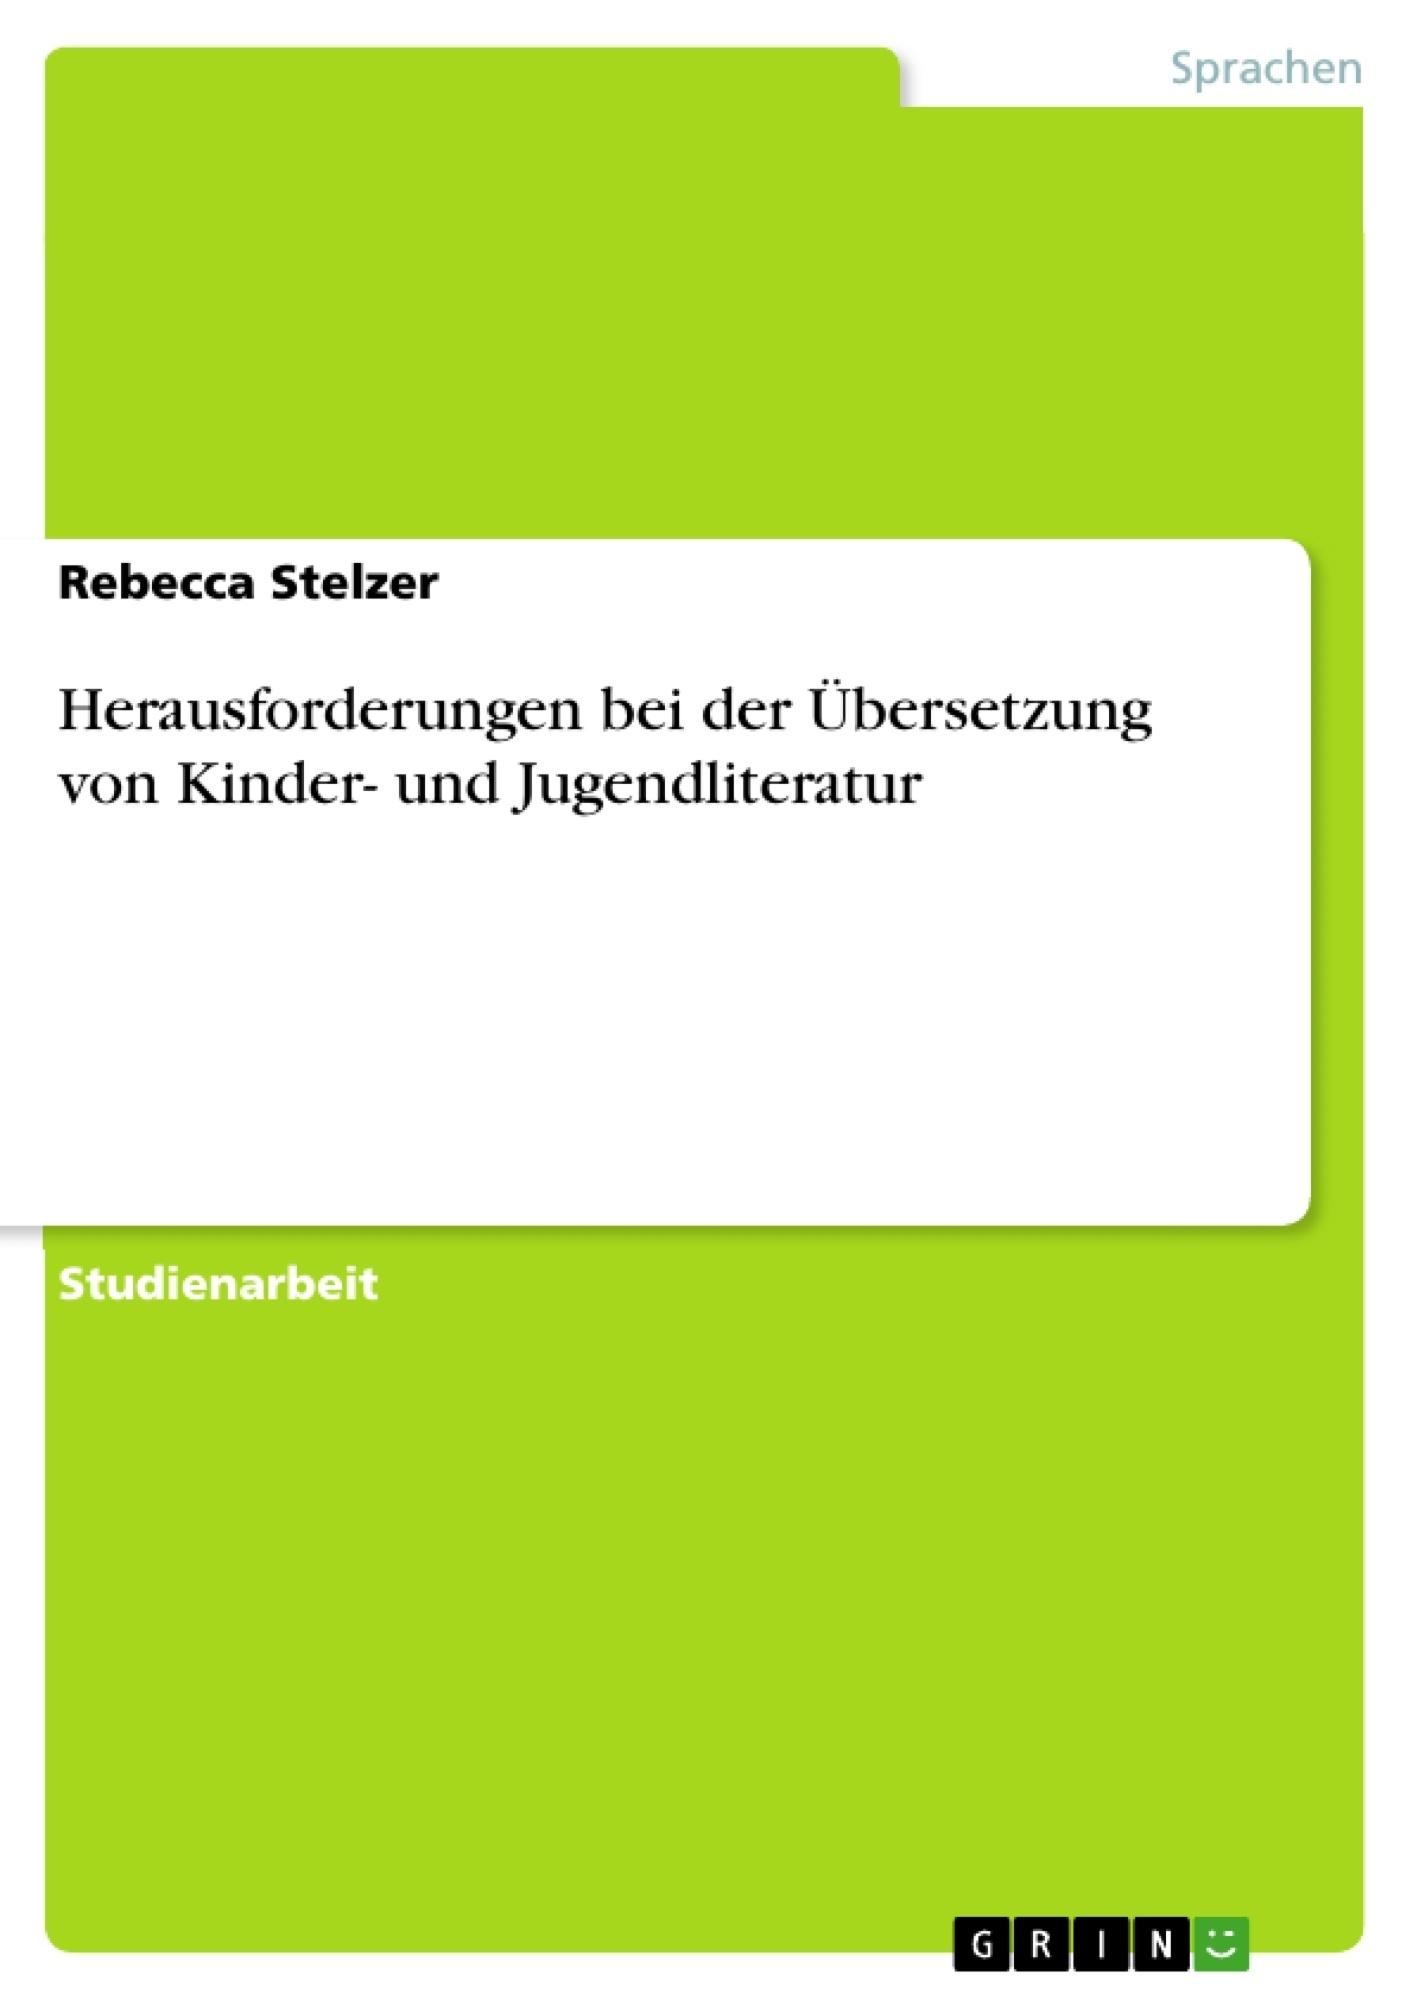 Titel: Herausforderungen bei der Übersetzung von Kinder- und Jugendliteratur